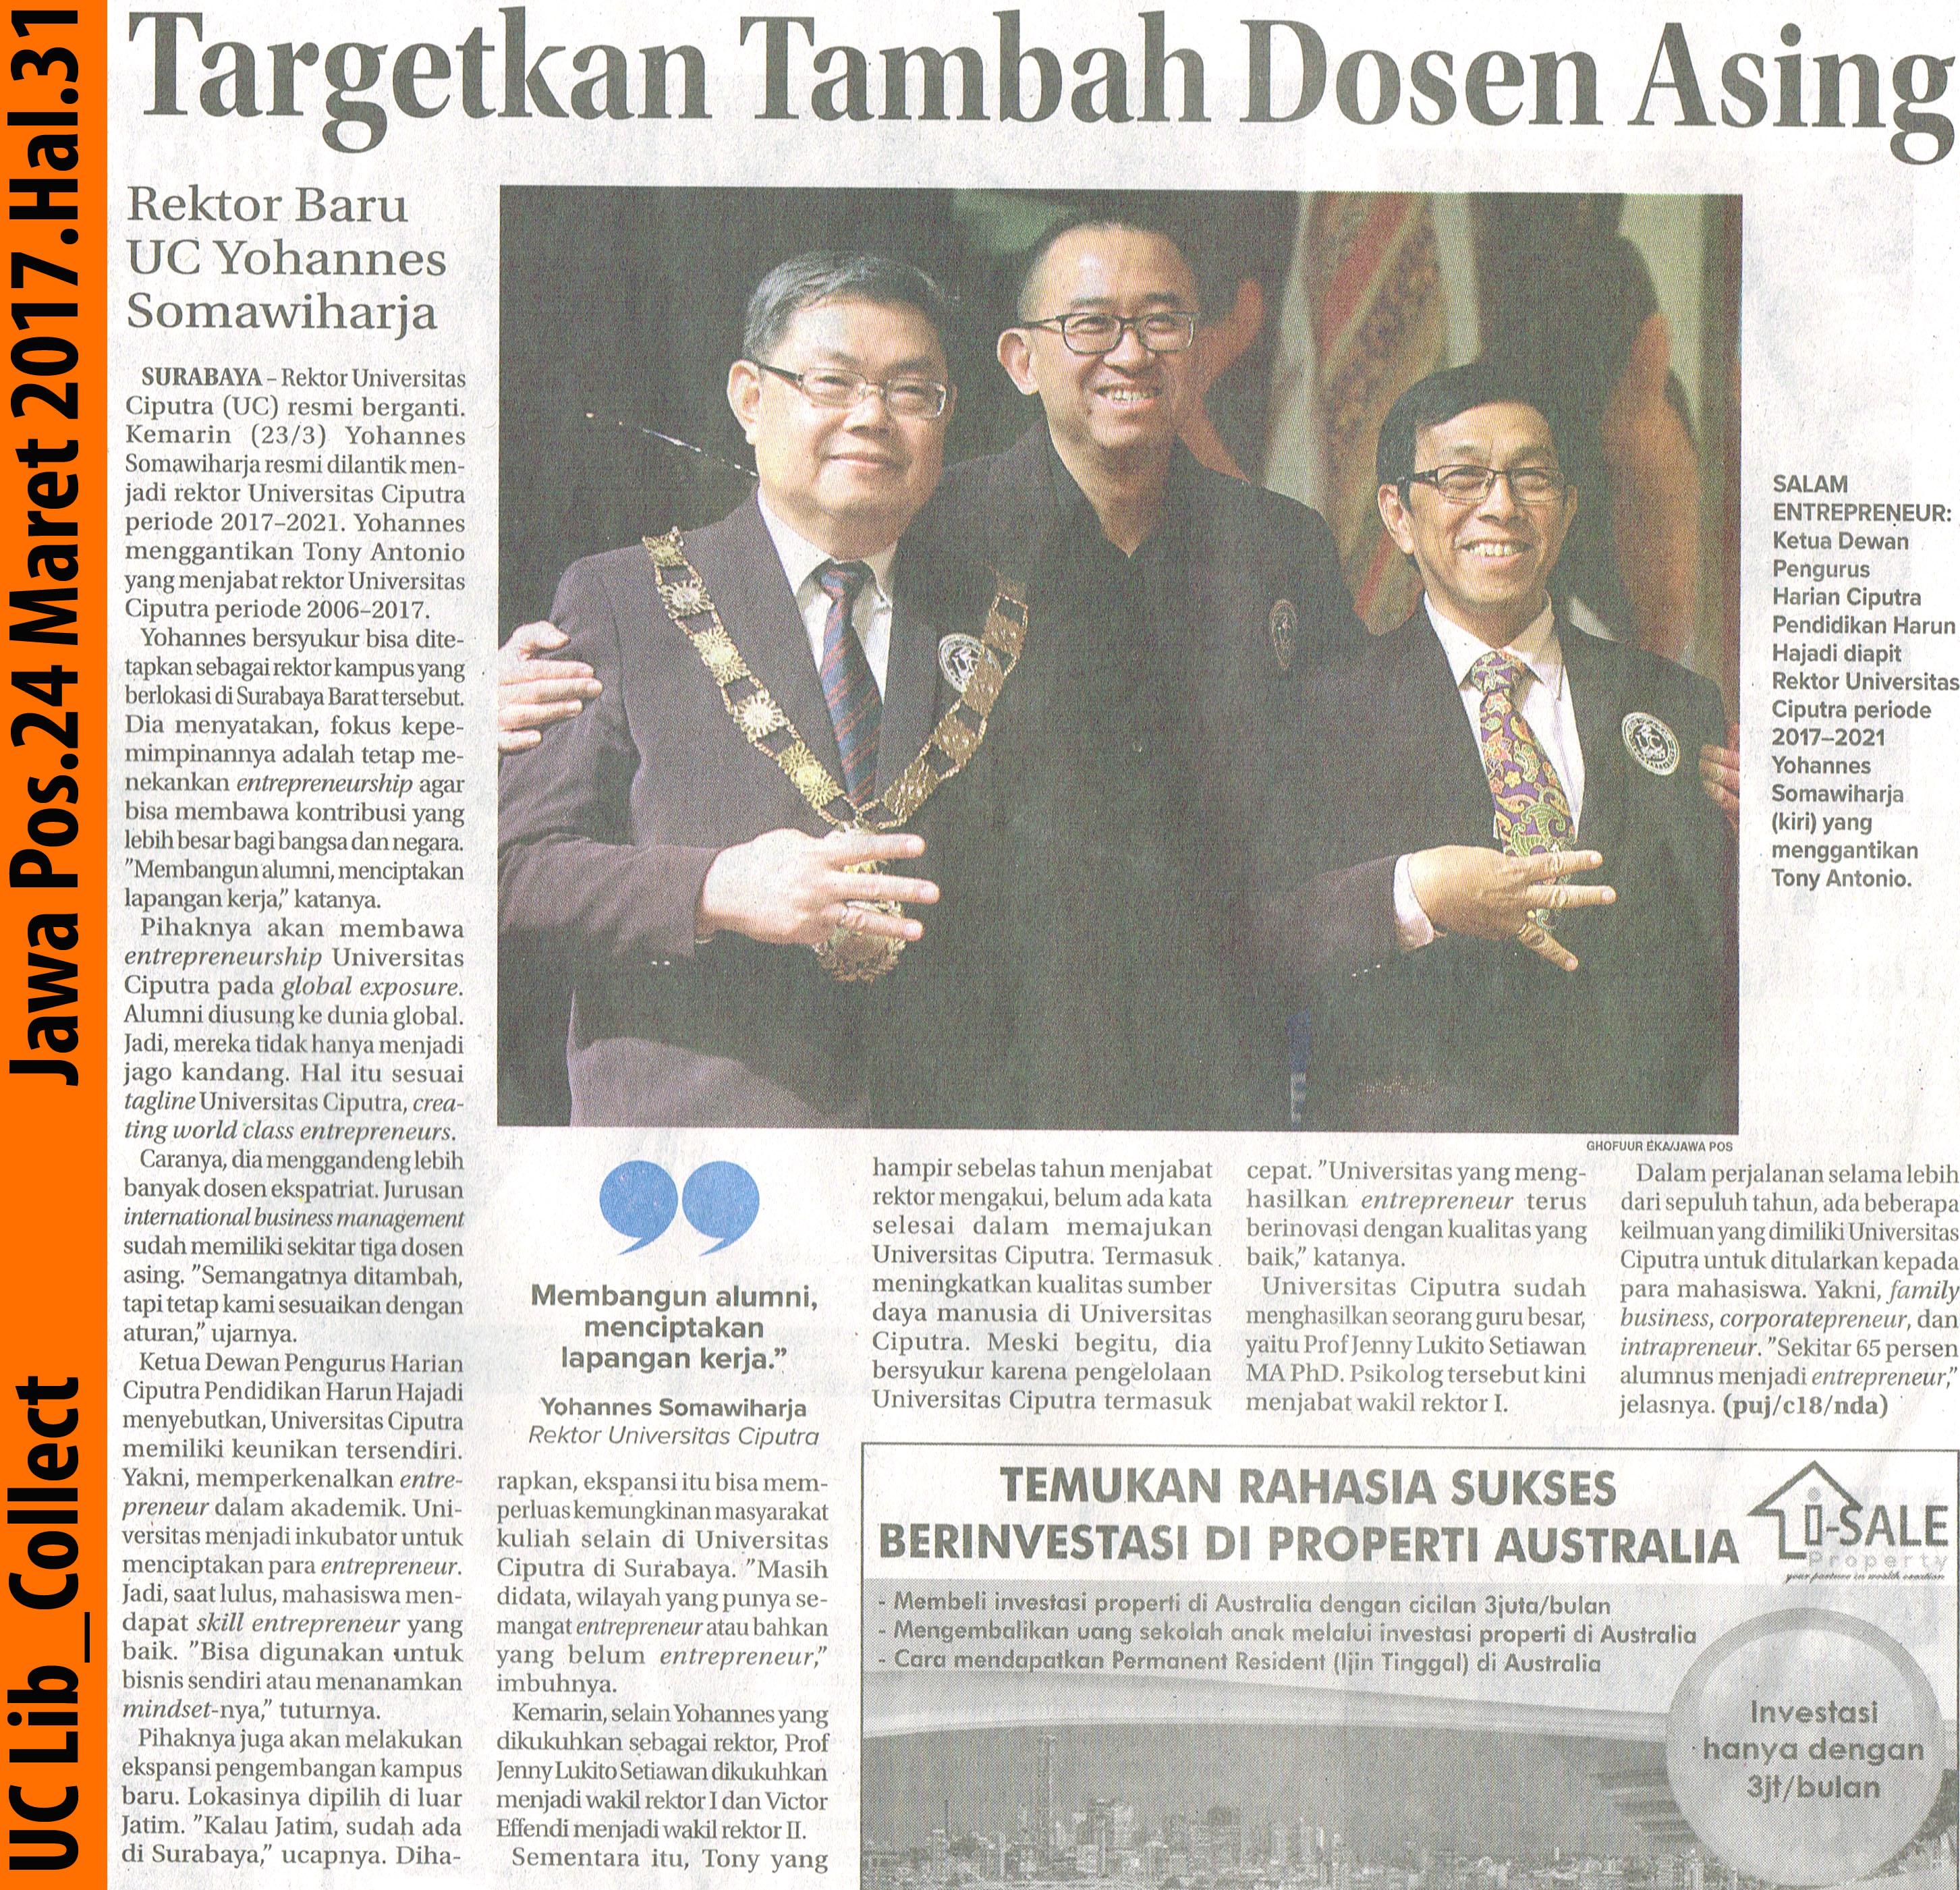 Targetkan Tambah Dosen Asing.Jawa Pos.24 Maret 2017.Hal.31